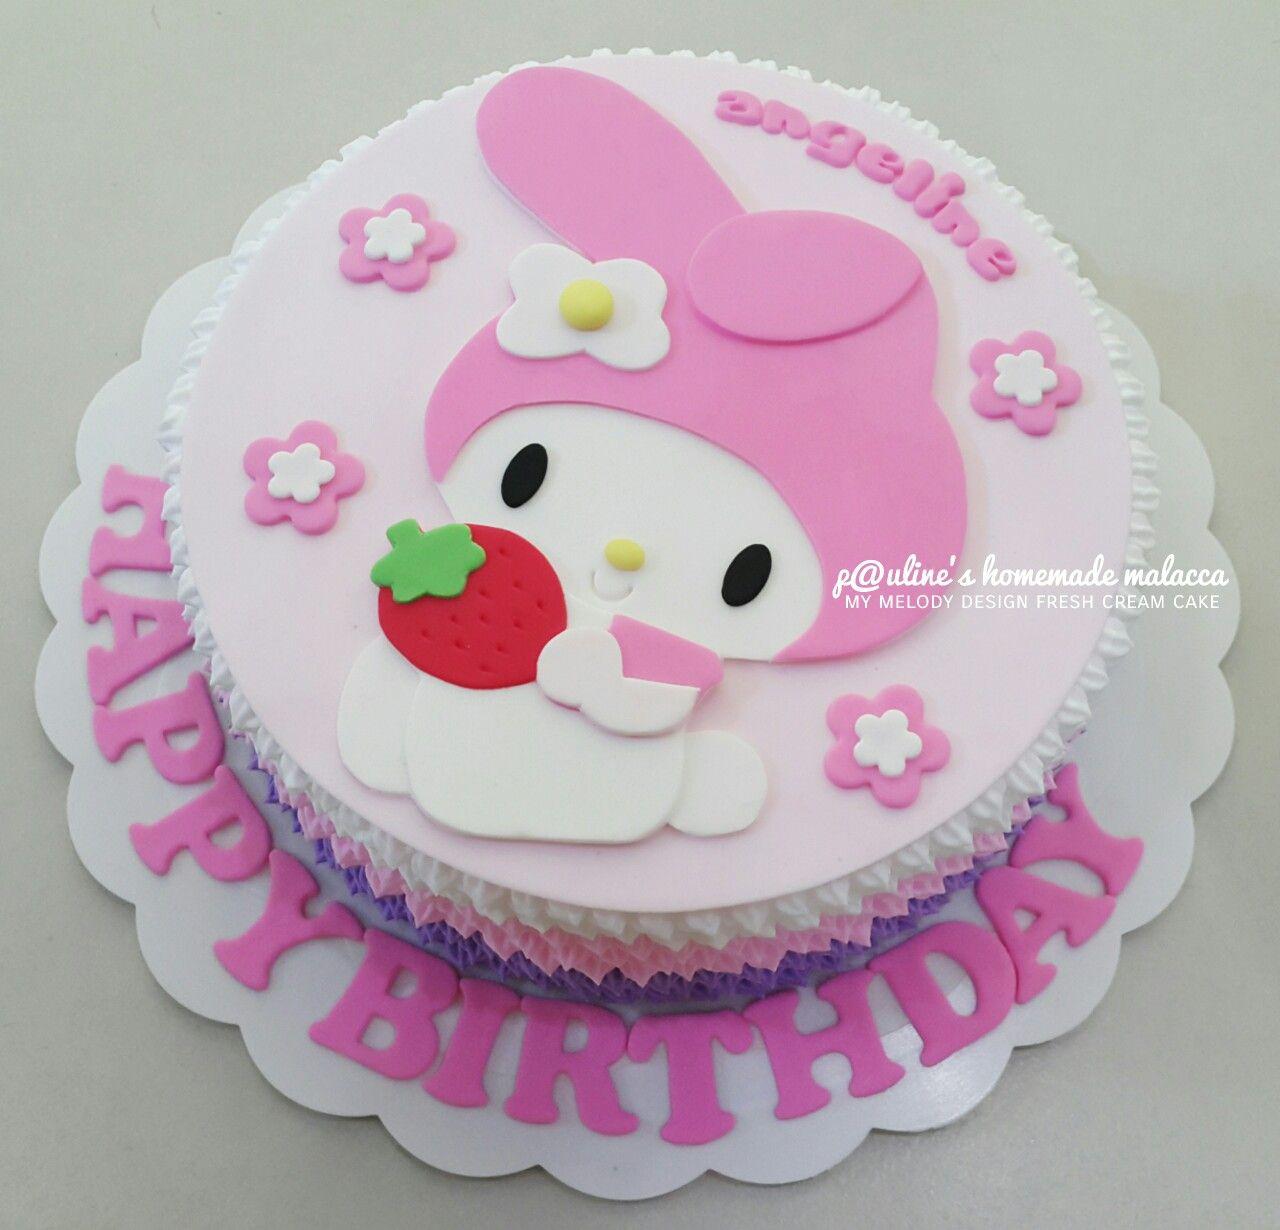 My Melody Design Fresh Cream Cake Paulineshomemademalacca